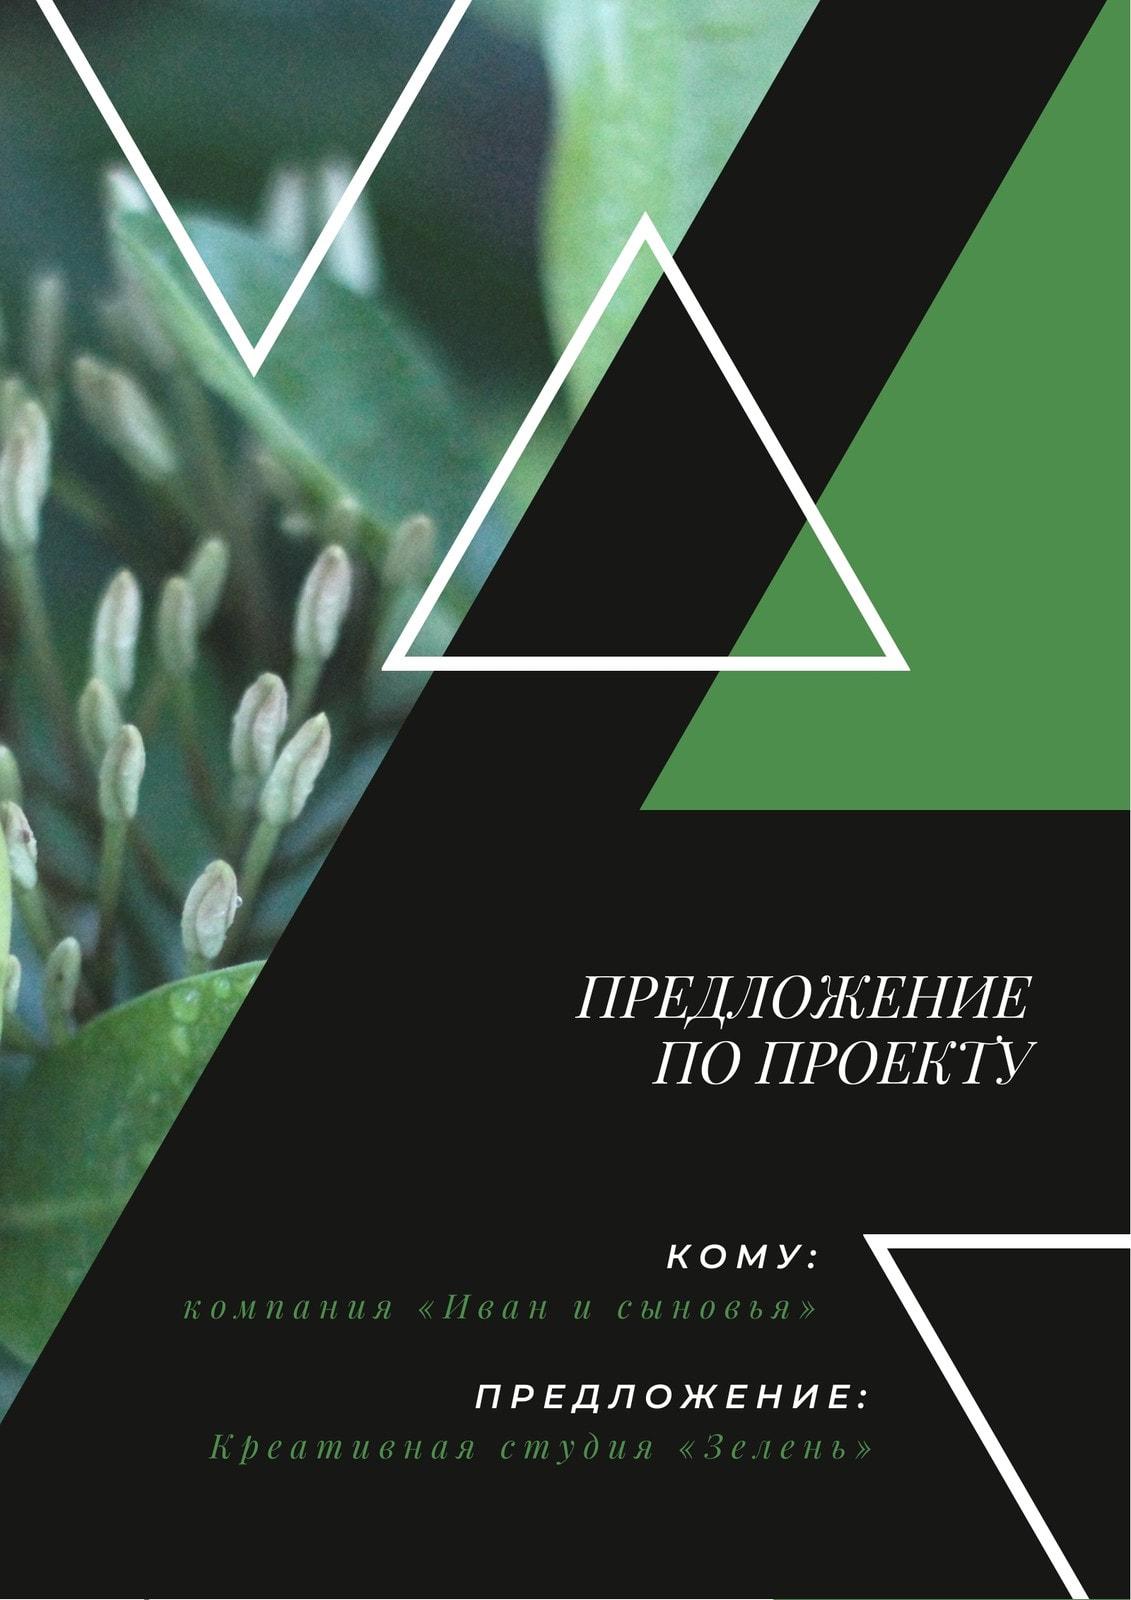 Зеленый Природа Треугольники Проект Общее Предложение